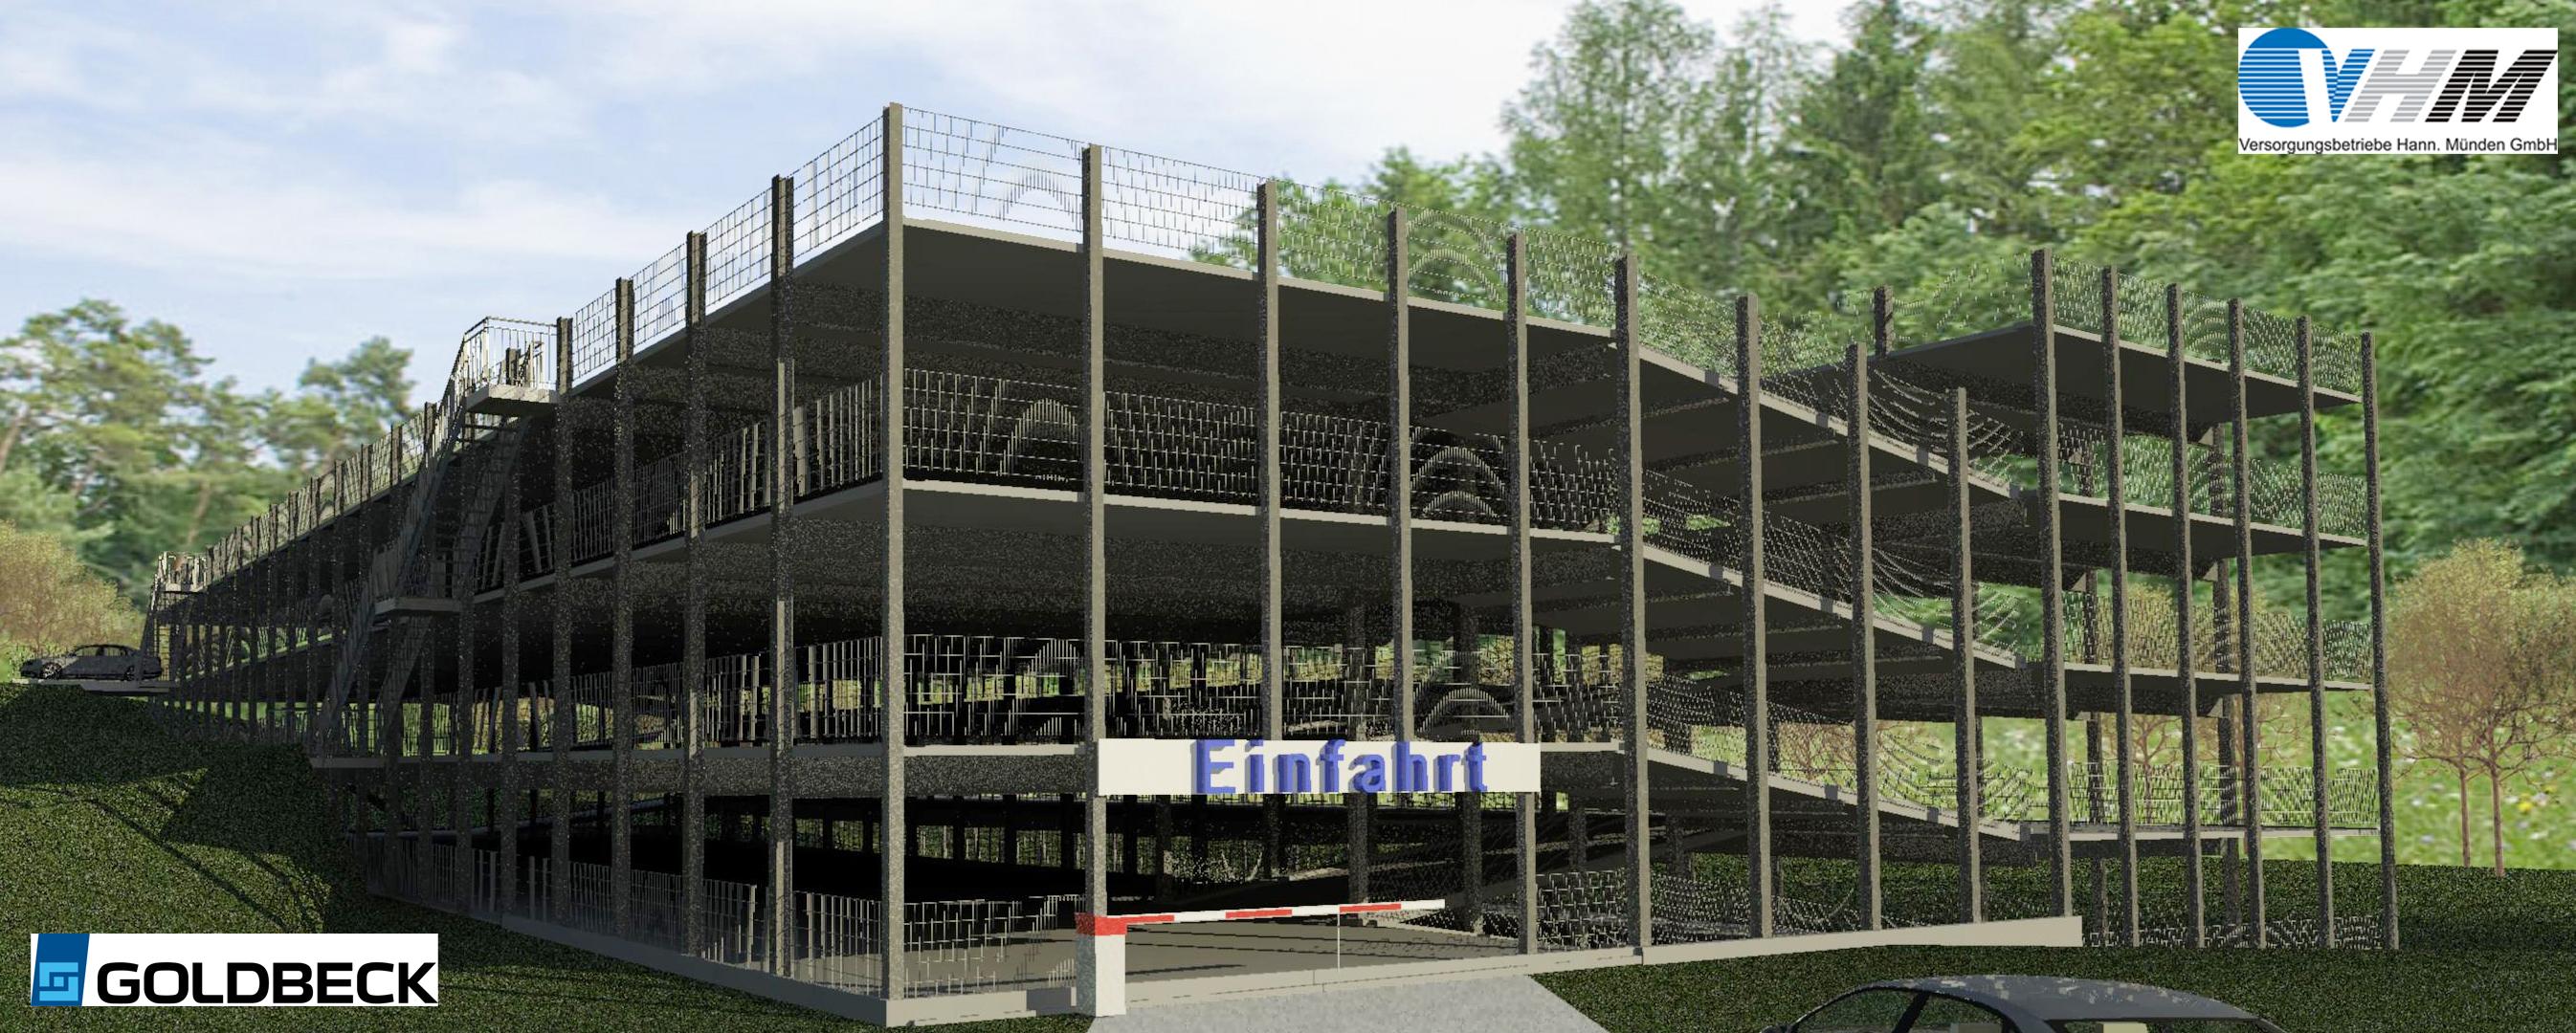 versorgungsbetriebe hann m nden versorgungsbetriebe bauen parkhaus am gesundheitszentrum. Black Bedroom Furniture Sets. Home Design Ideas